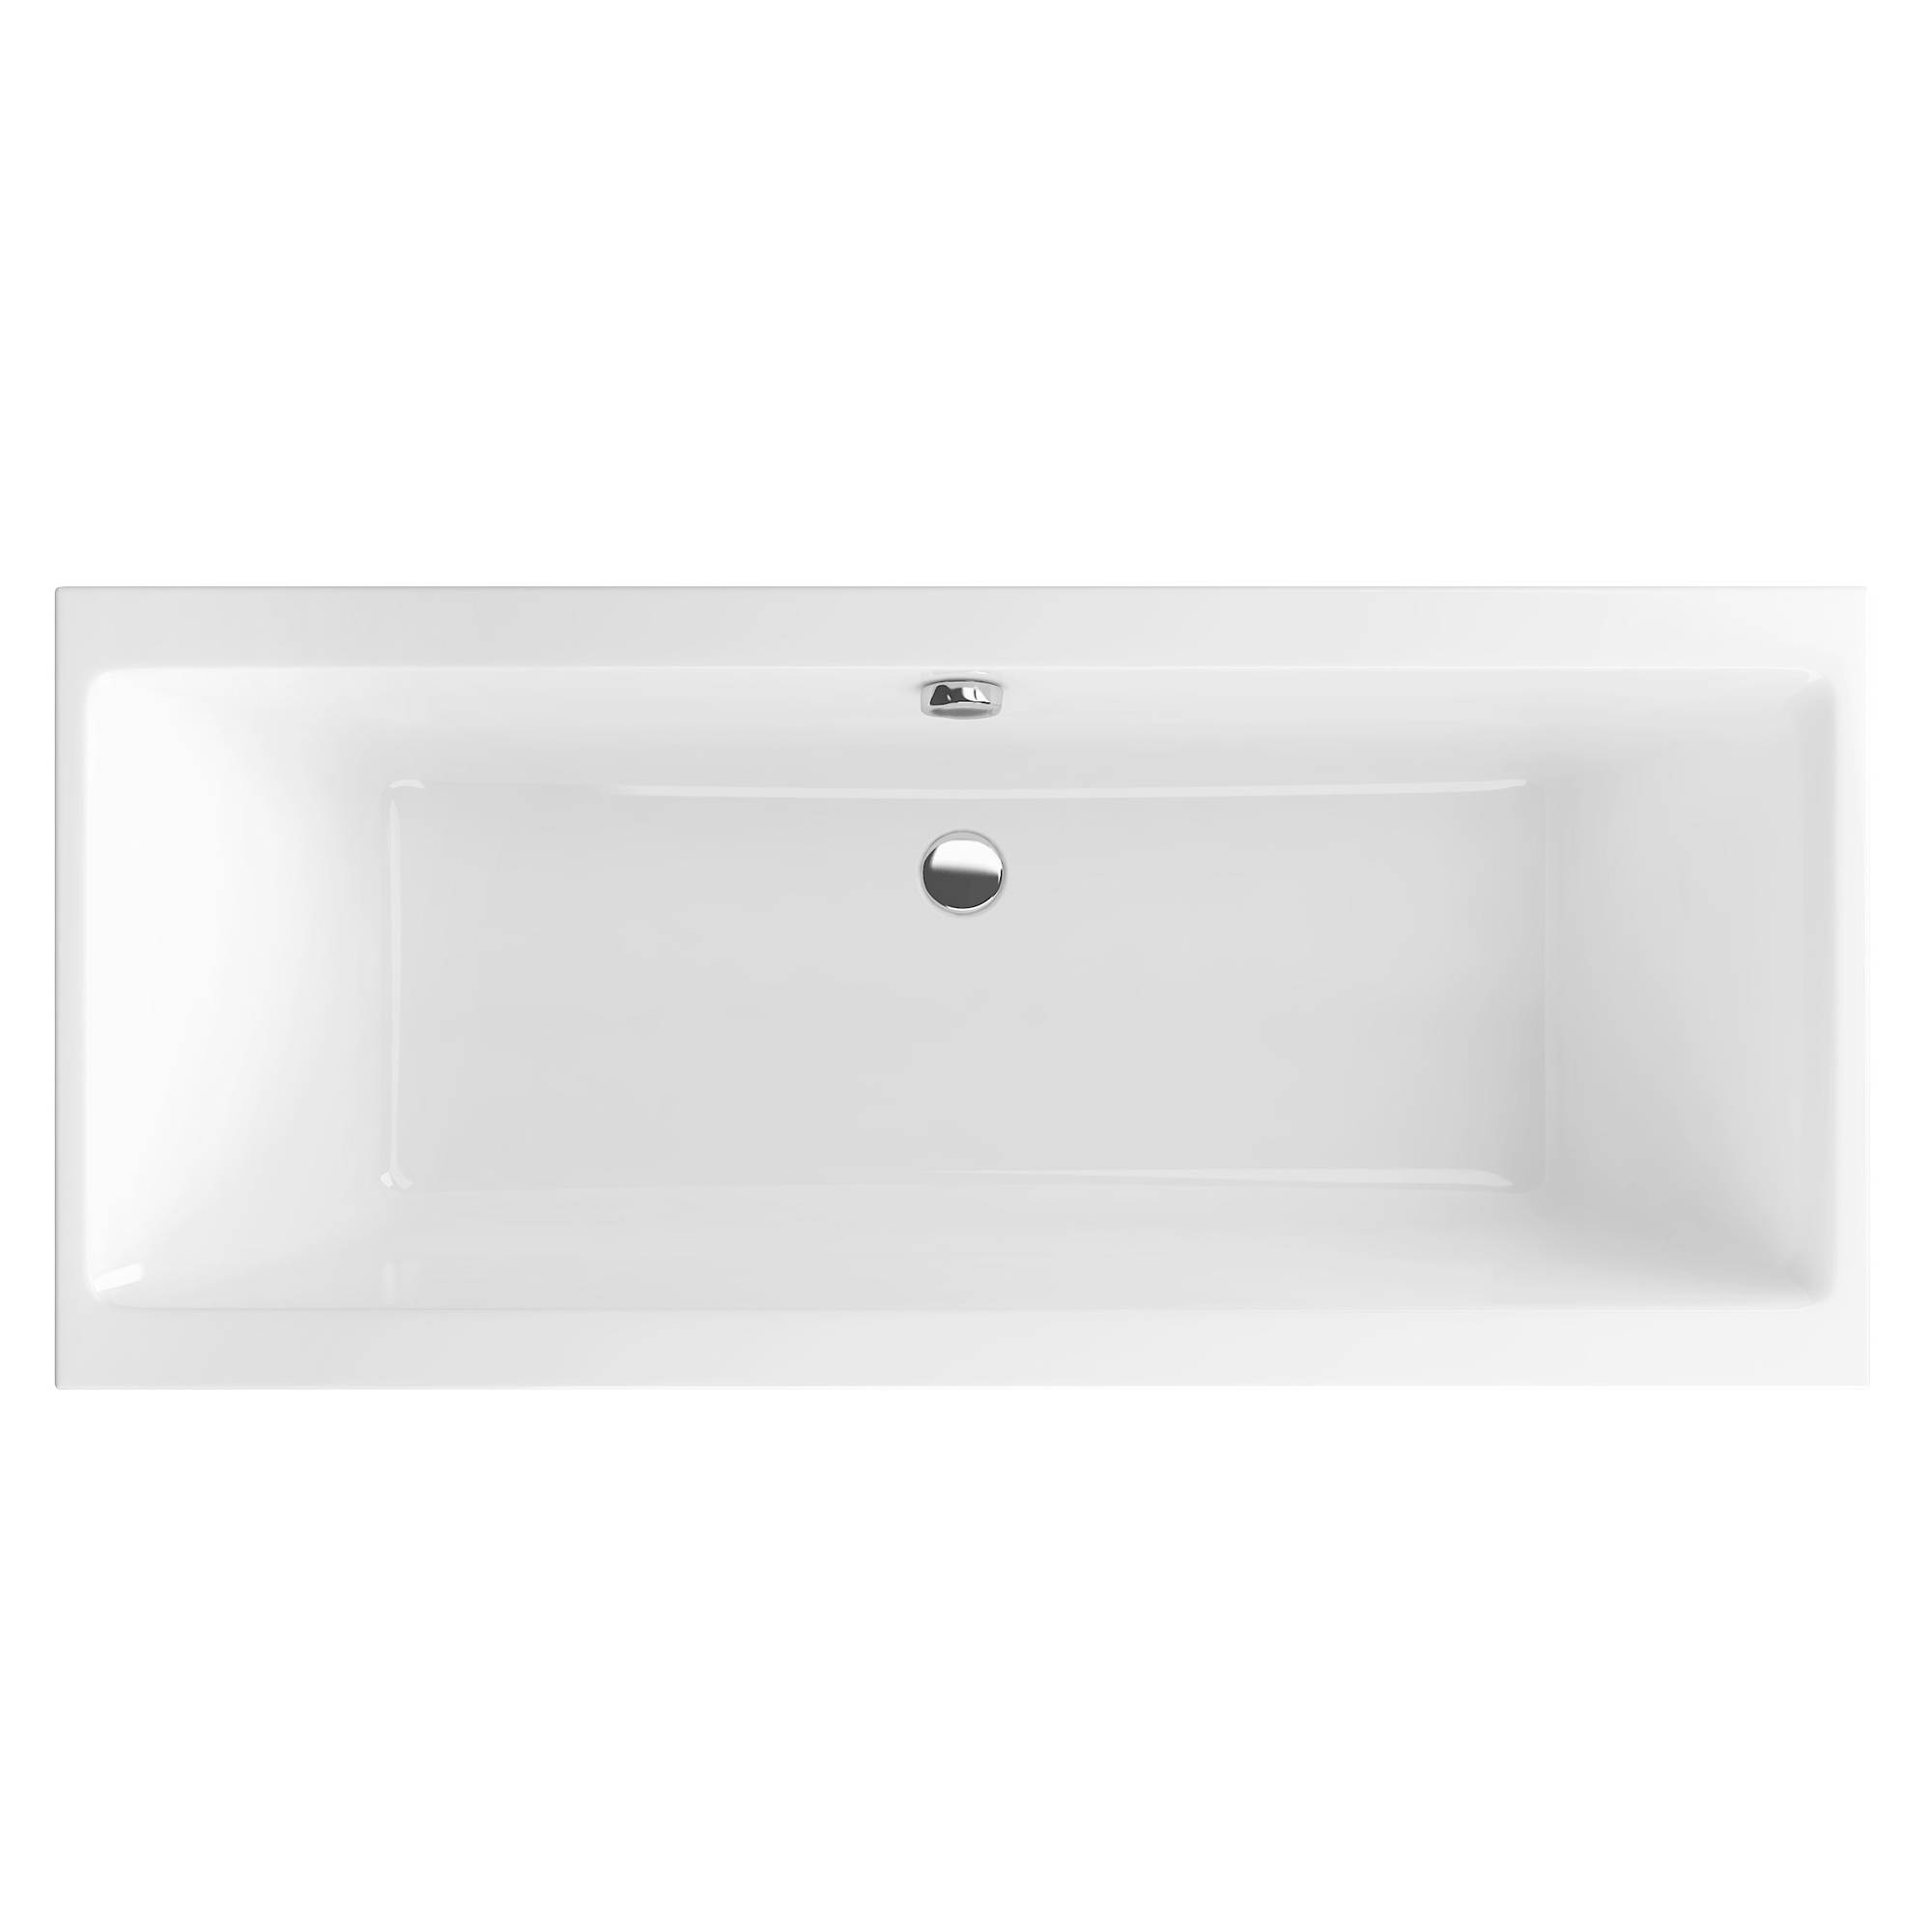 Акриловая ванна Excellent Pryzmat Slim 180x80 без гидромассажа